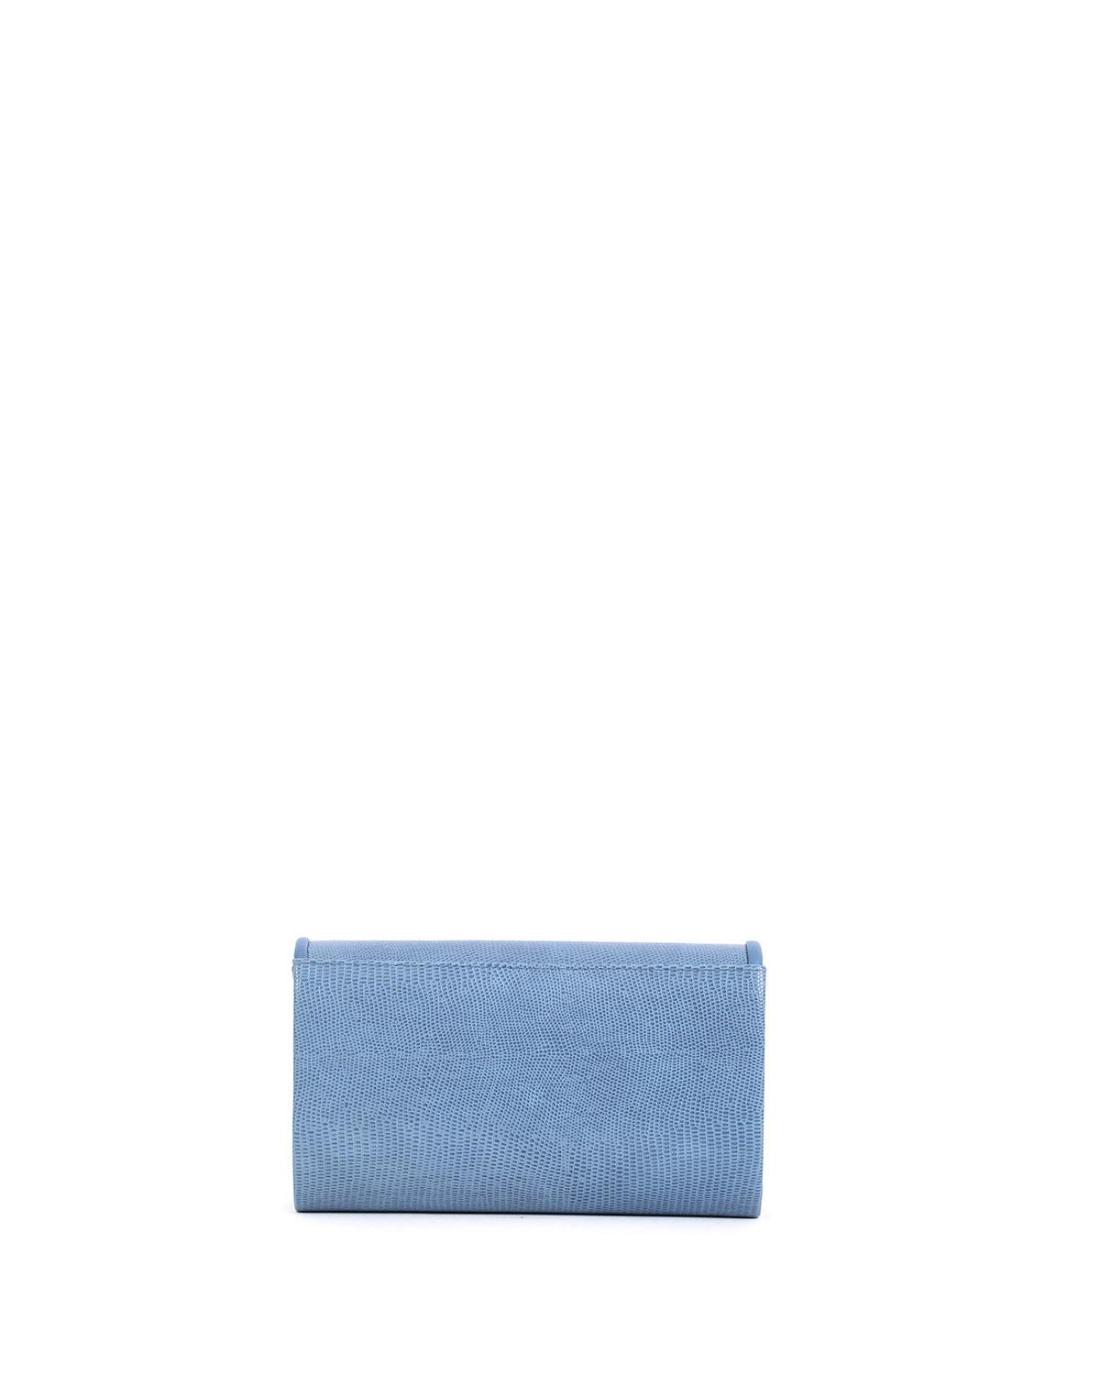 Blue envelope bag